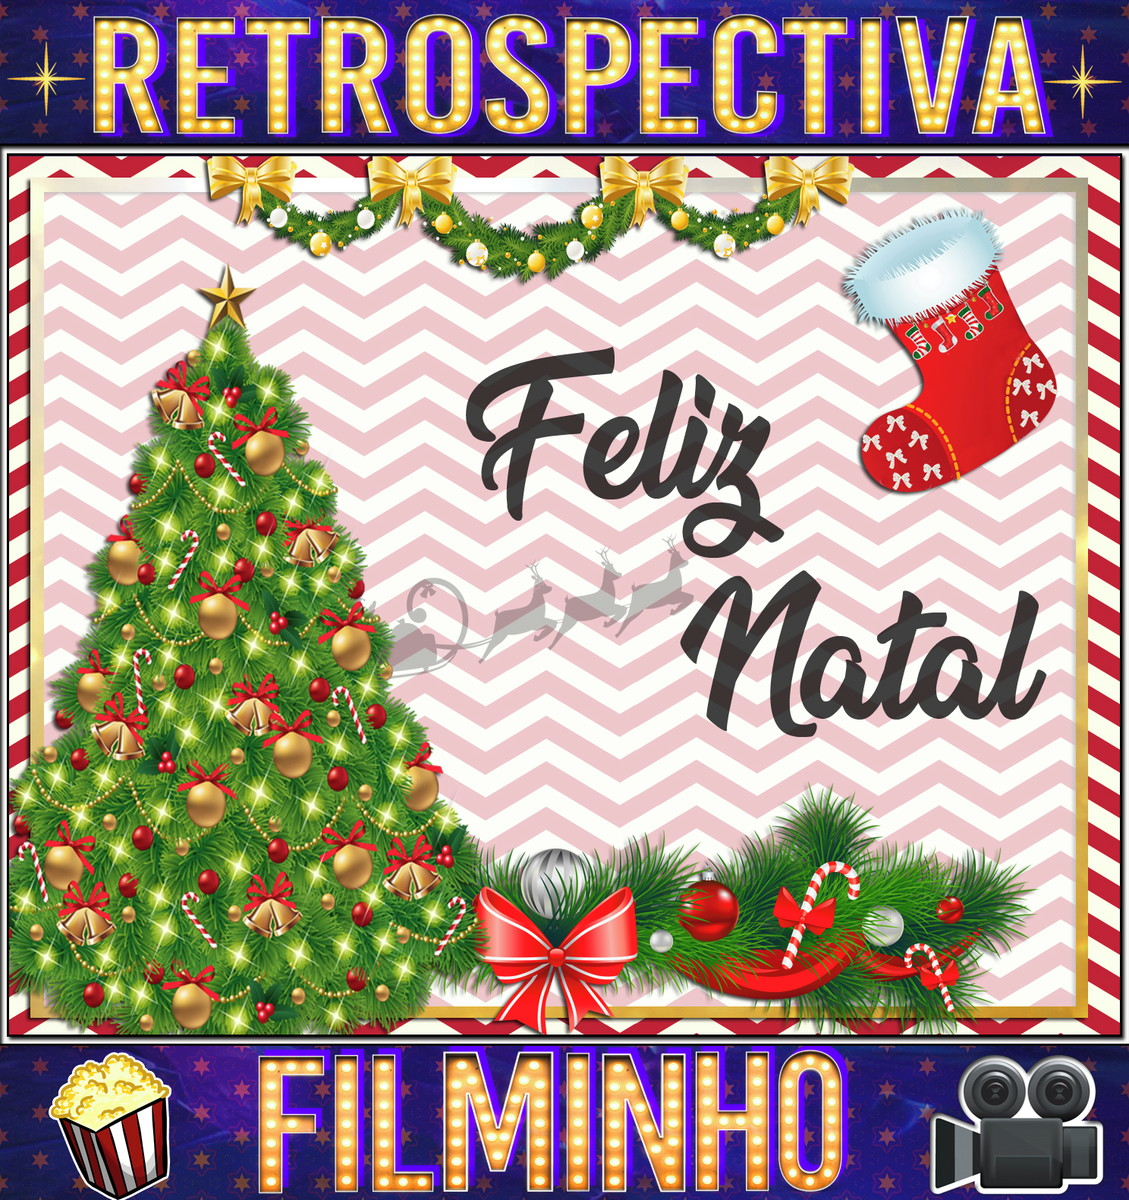 Retrospectiva Animada Feliz Natal No Elo7 Festa Festinha Festona